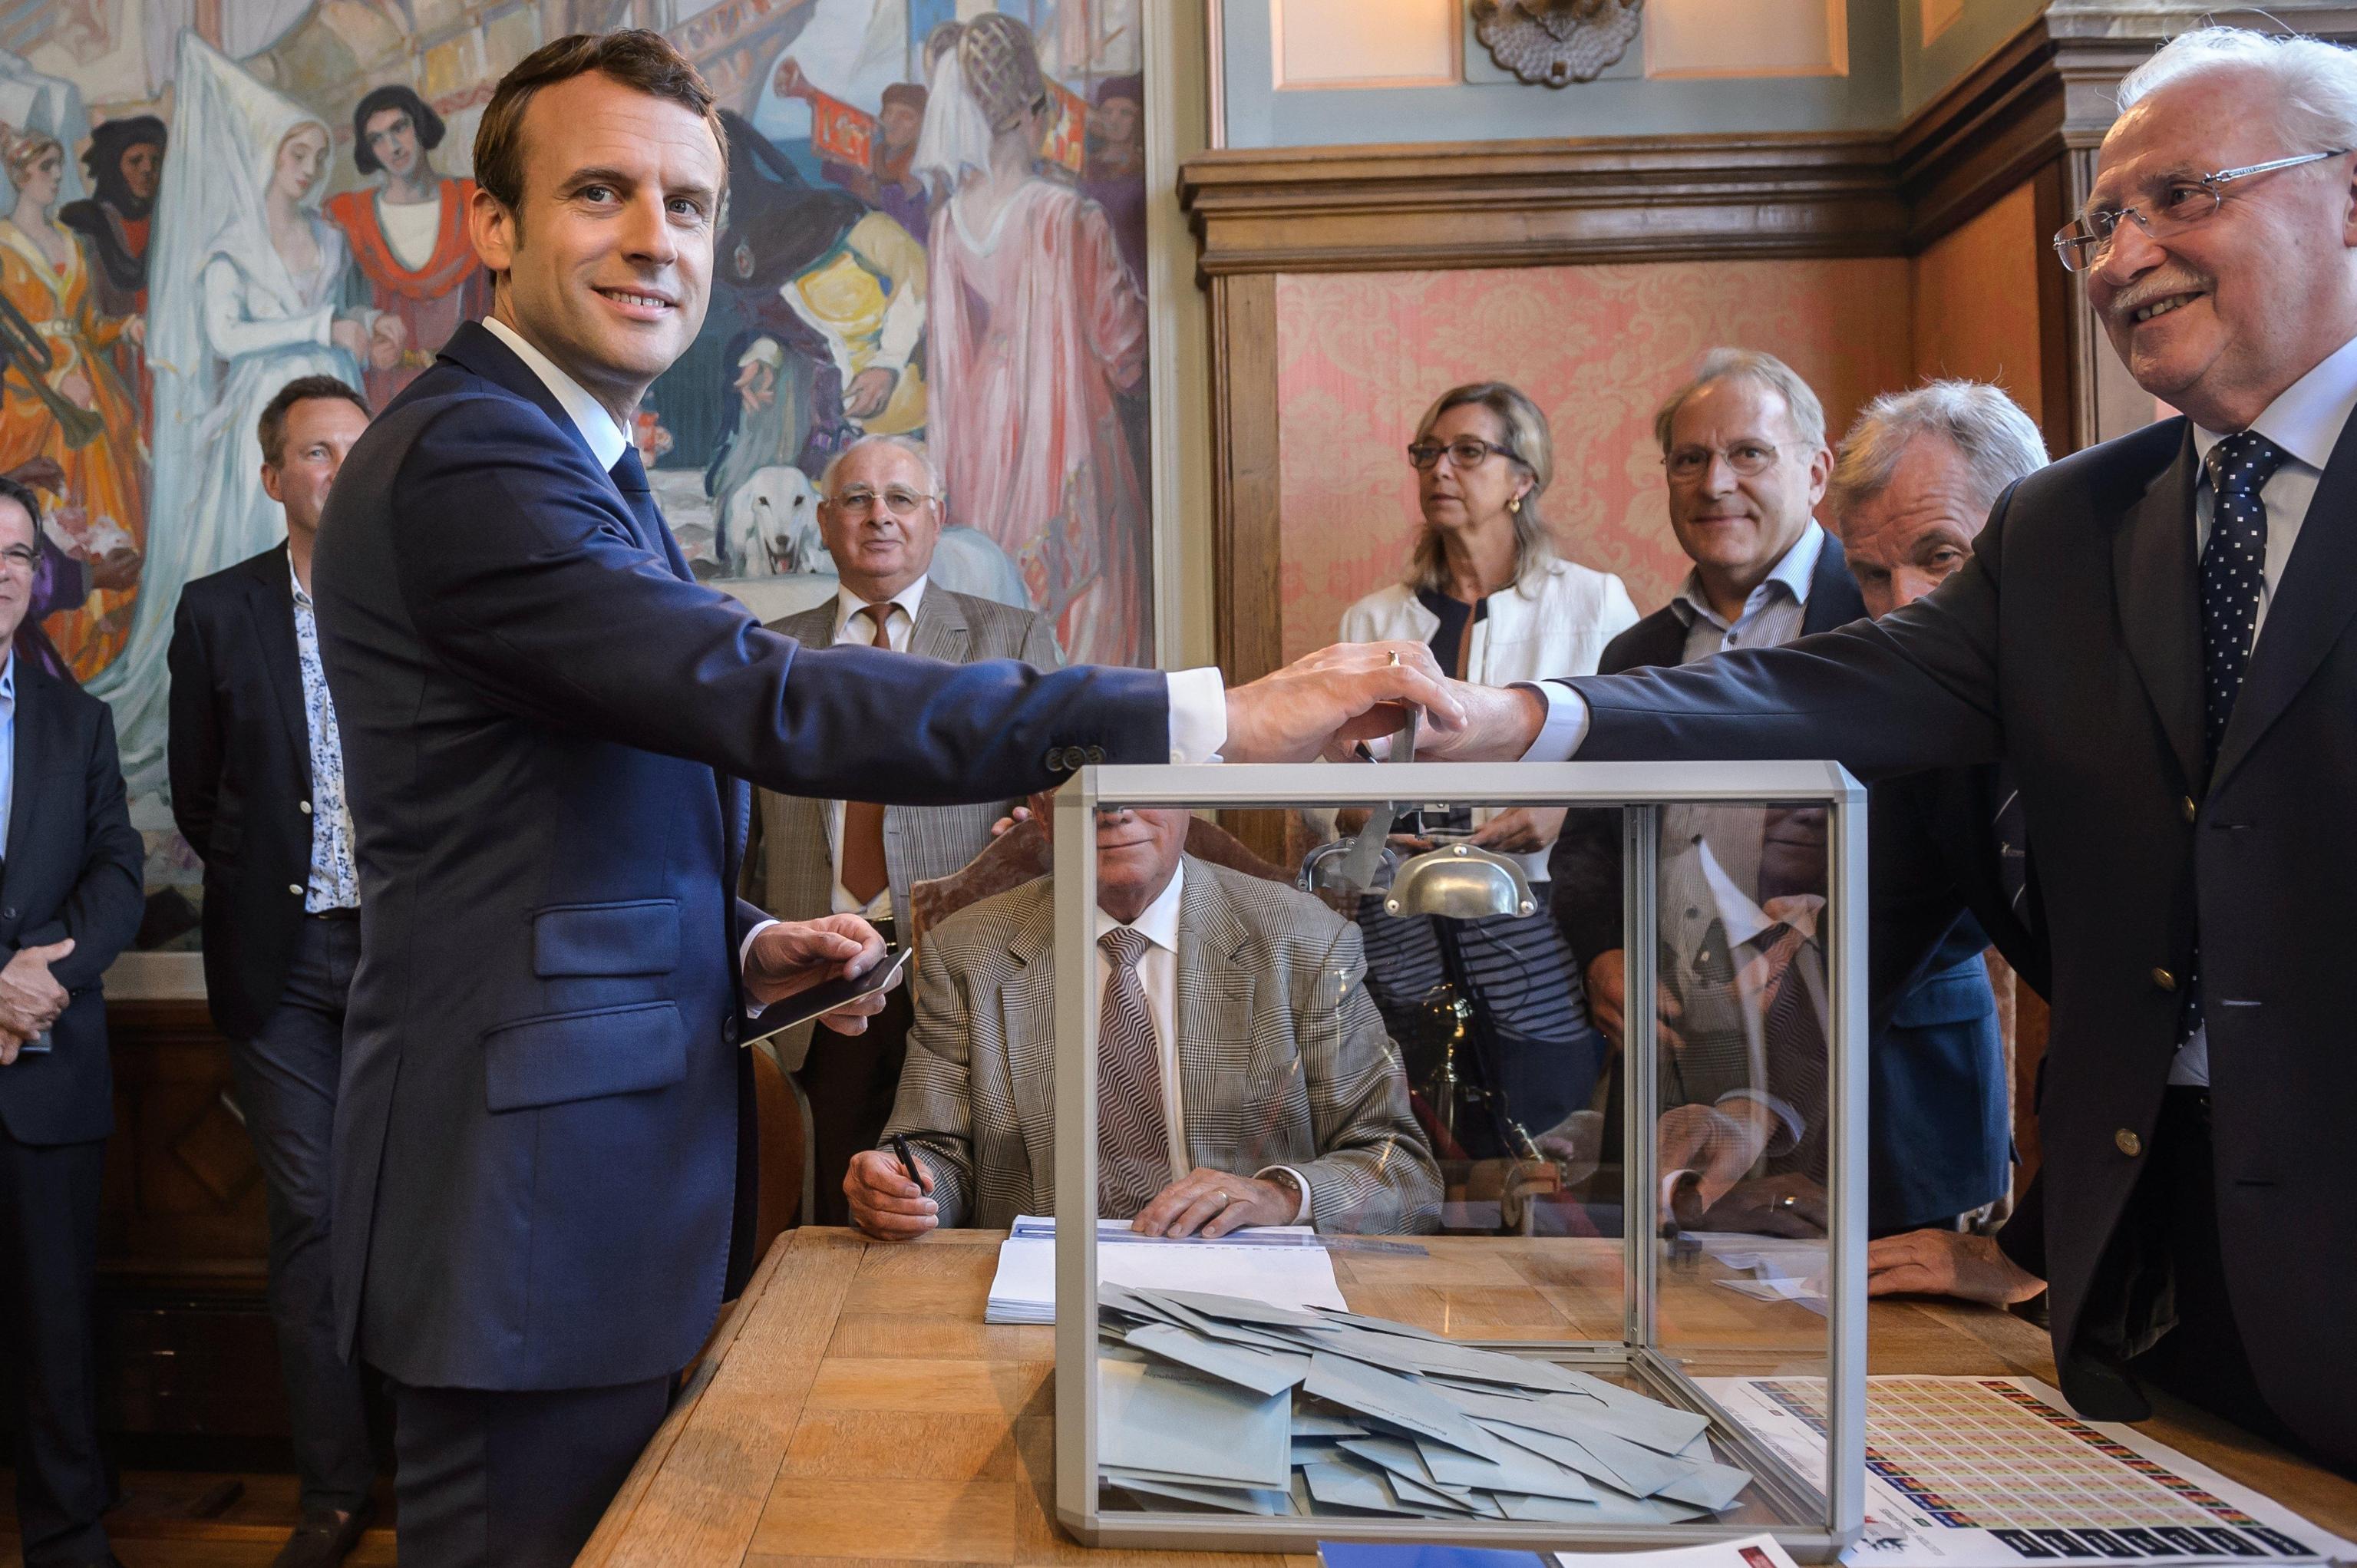 Elezioni legislative Francia 2017, Macron ha maggioranza assoluta: Marine Le Pen in Parlamento